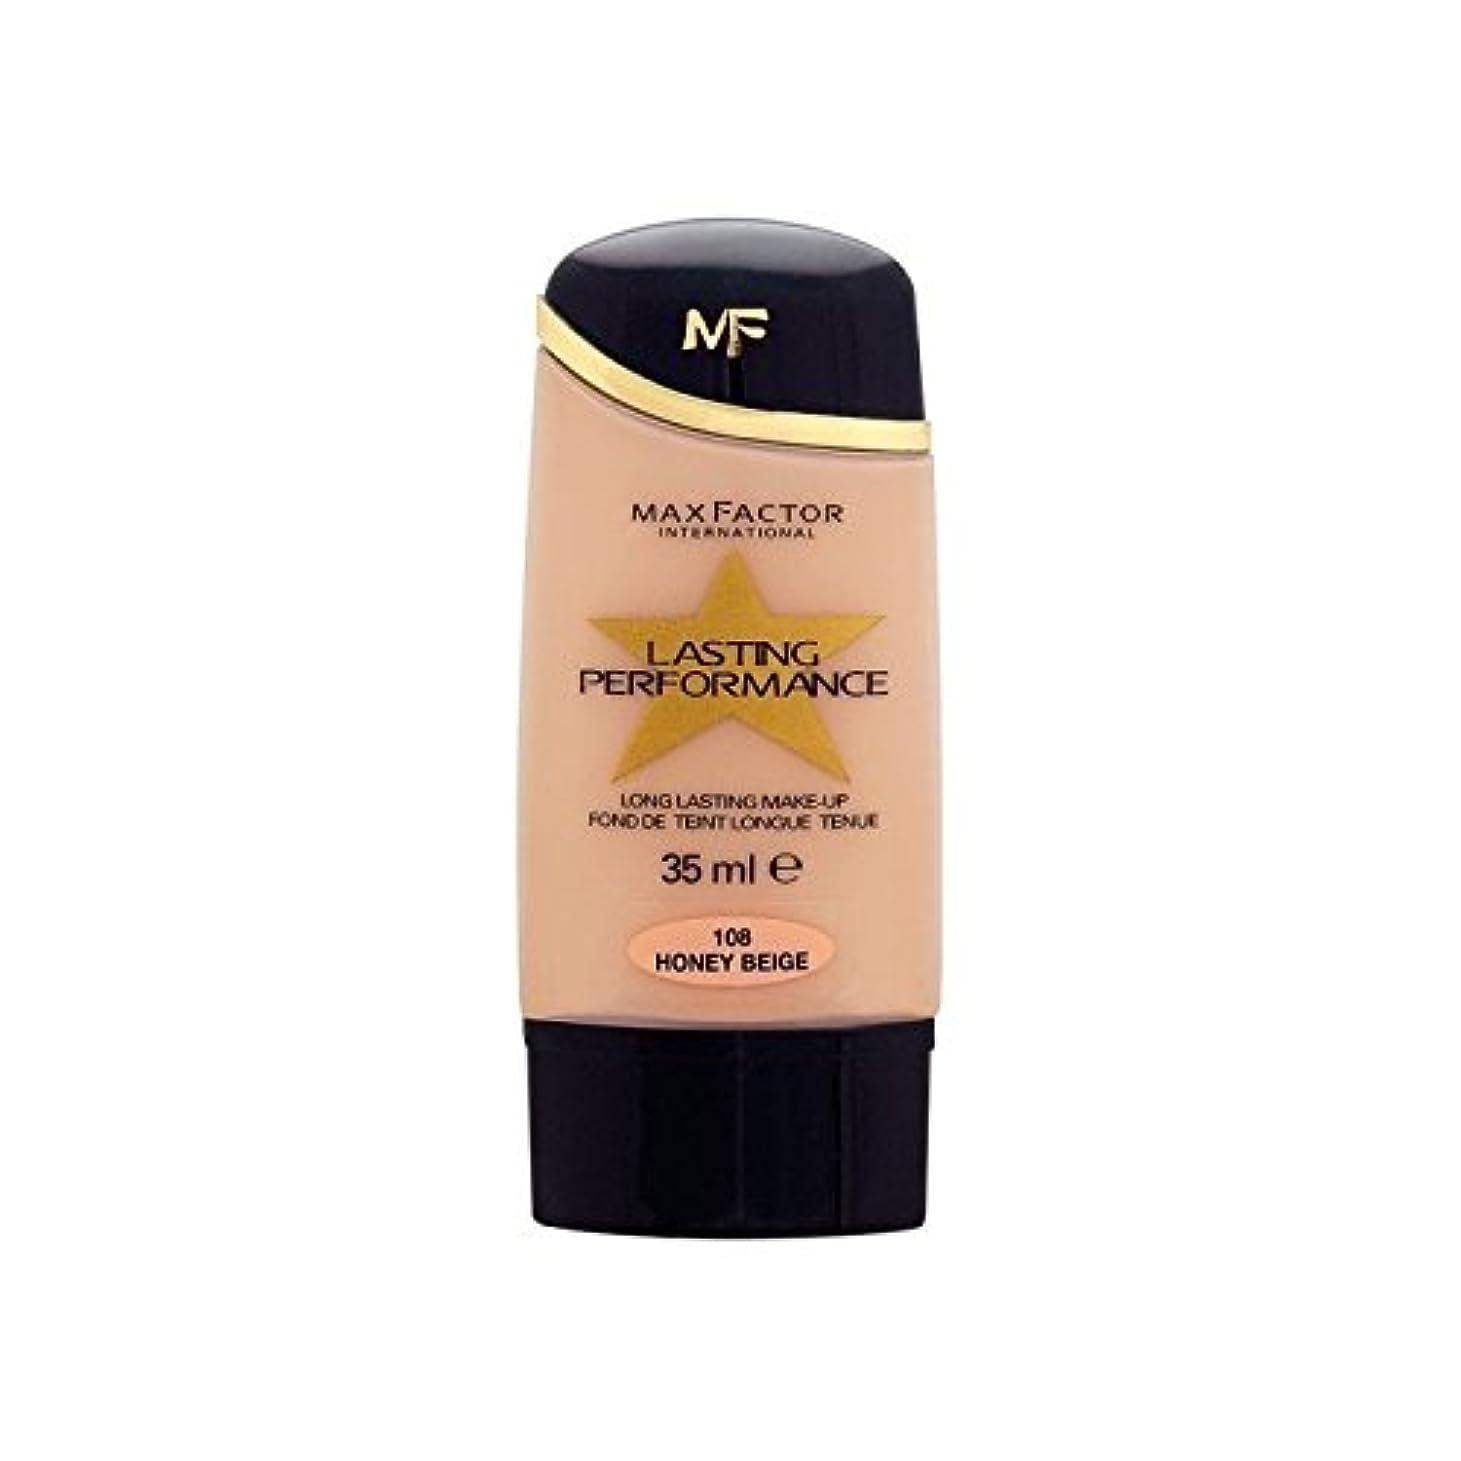 間欠余韻わなマックスファクター持続パフォーマンスの基礎ハニーベージュ108 x4 - Max Factor Lasting Performance Foundation Honey Beige 108 (Pack of 4) [並行輸入品]